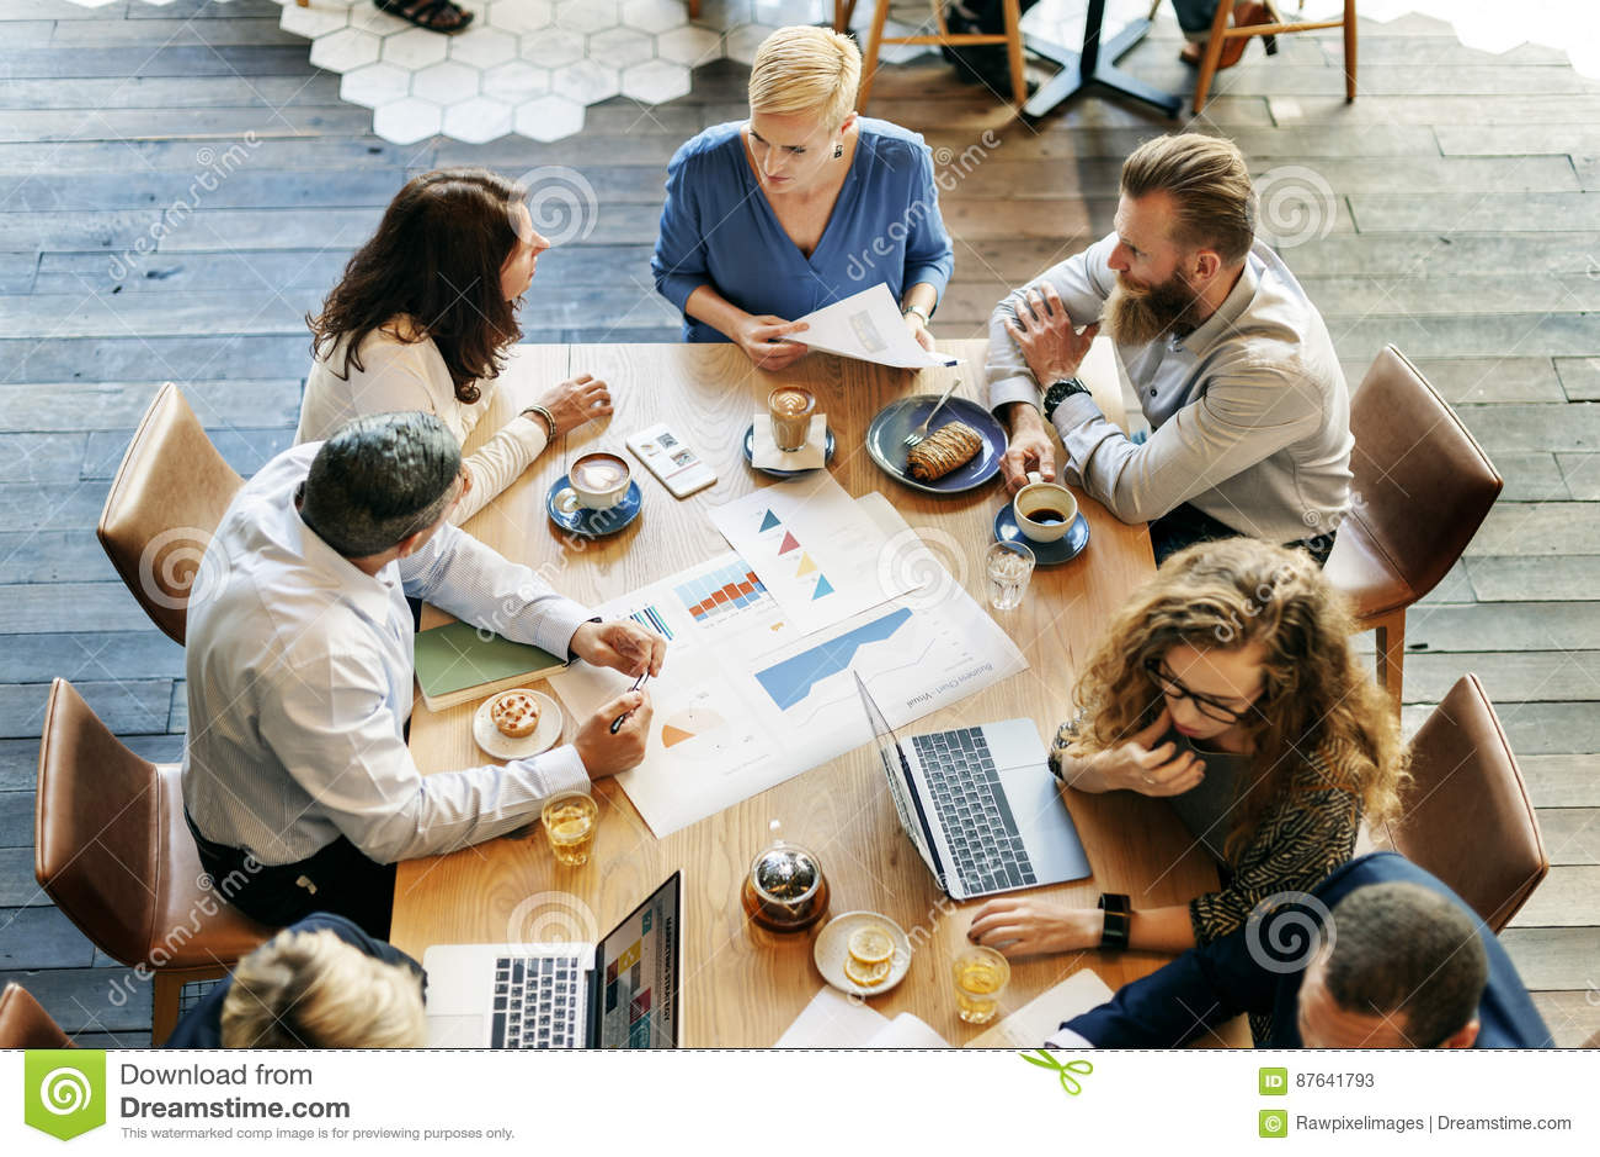 Бизнесмены встречая концепцию планирования диаграммы анализа данных